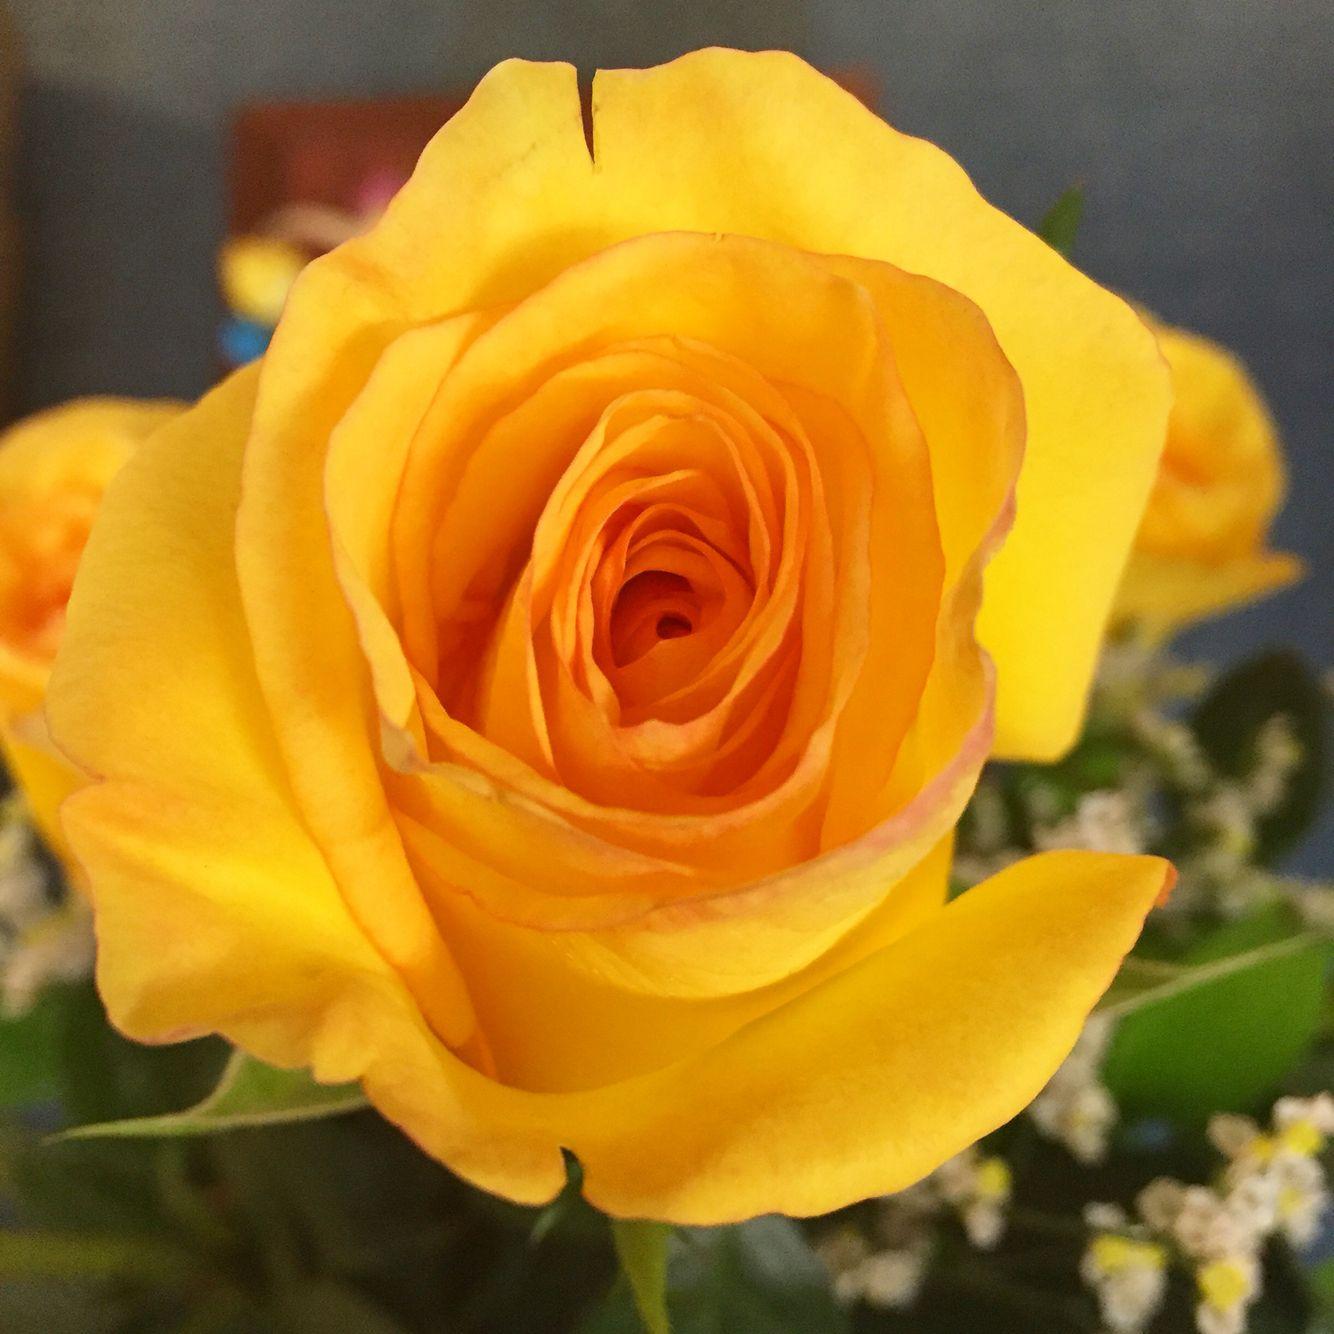 Rosa colombiana